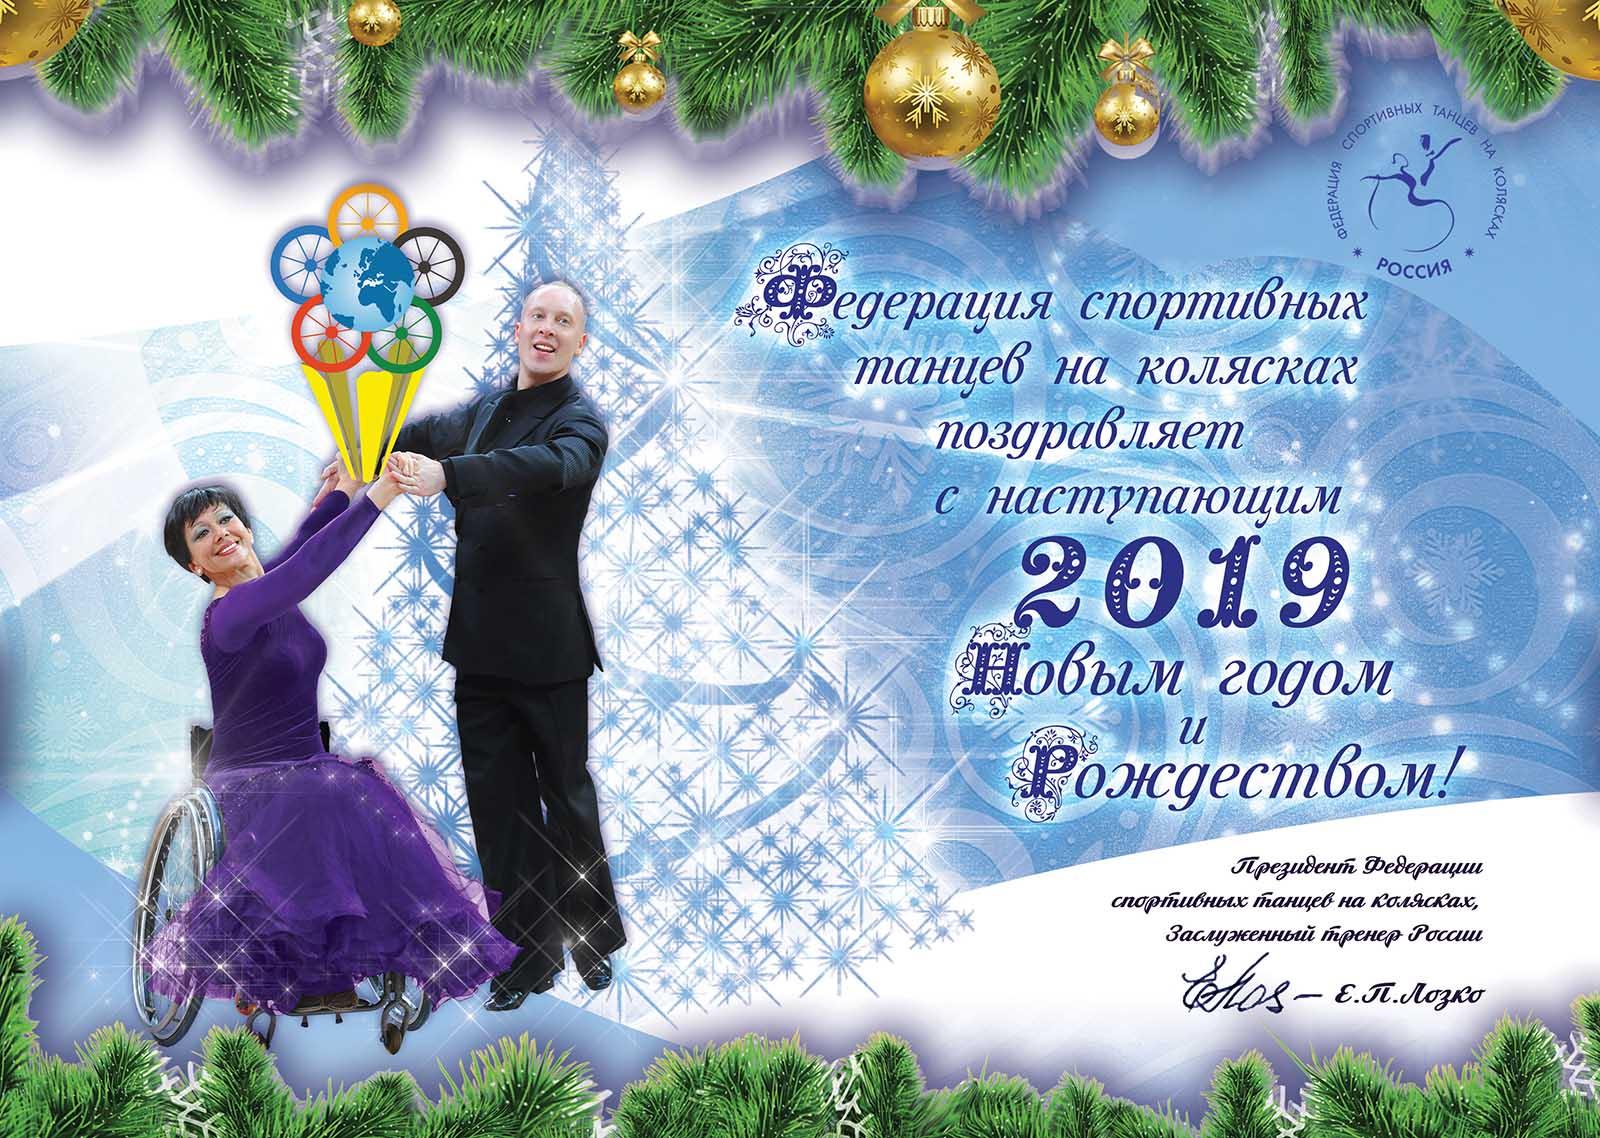 Поздравление с новым годом танцорам фото 505